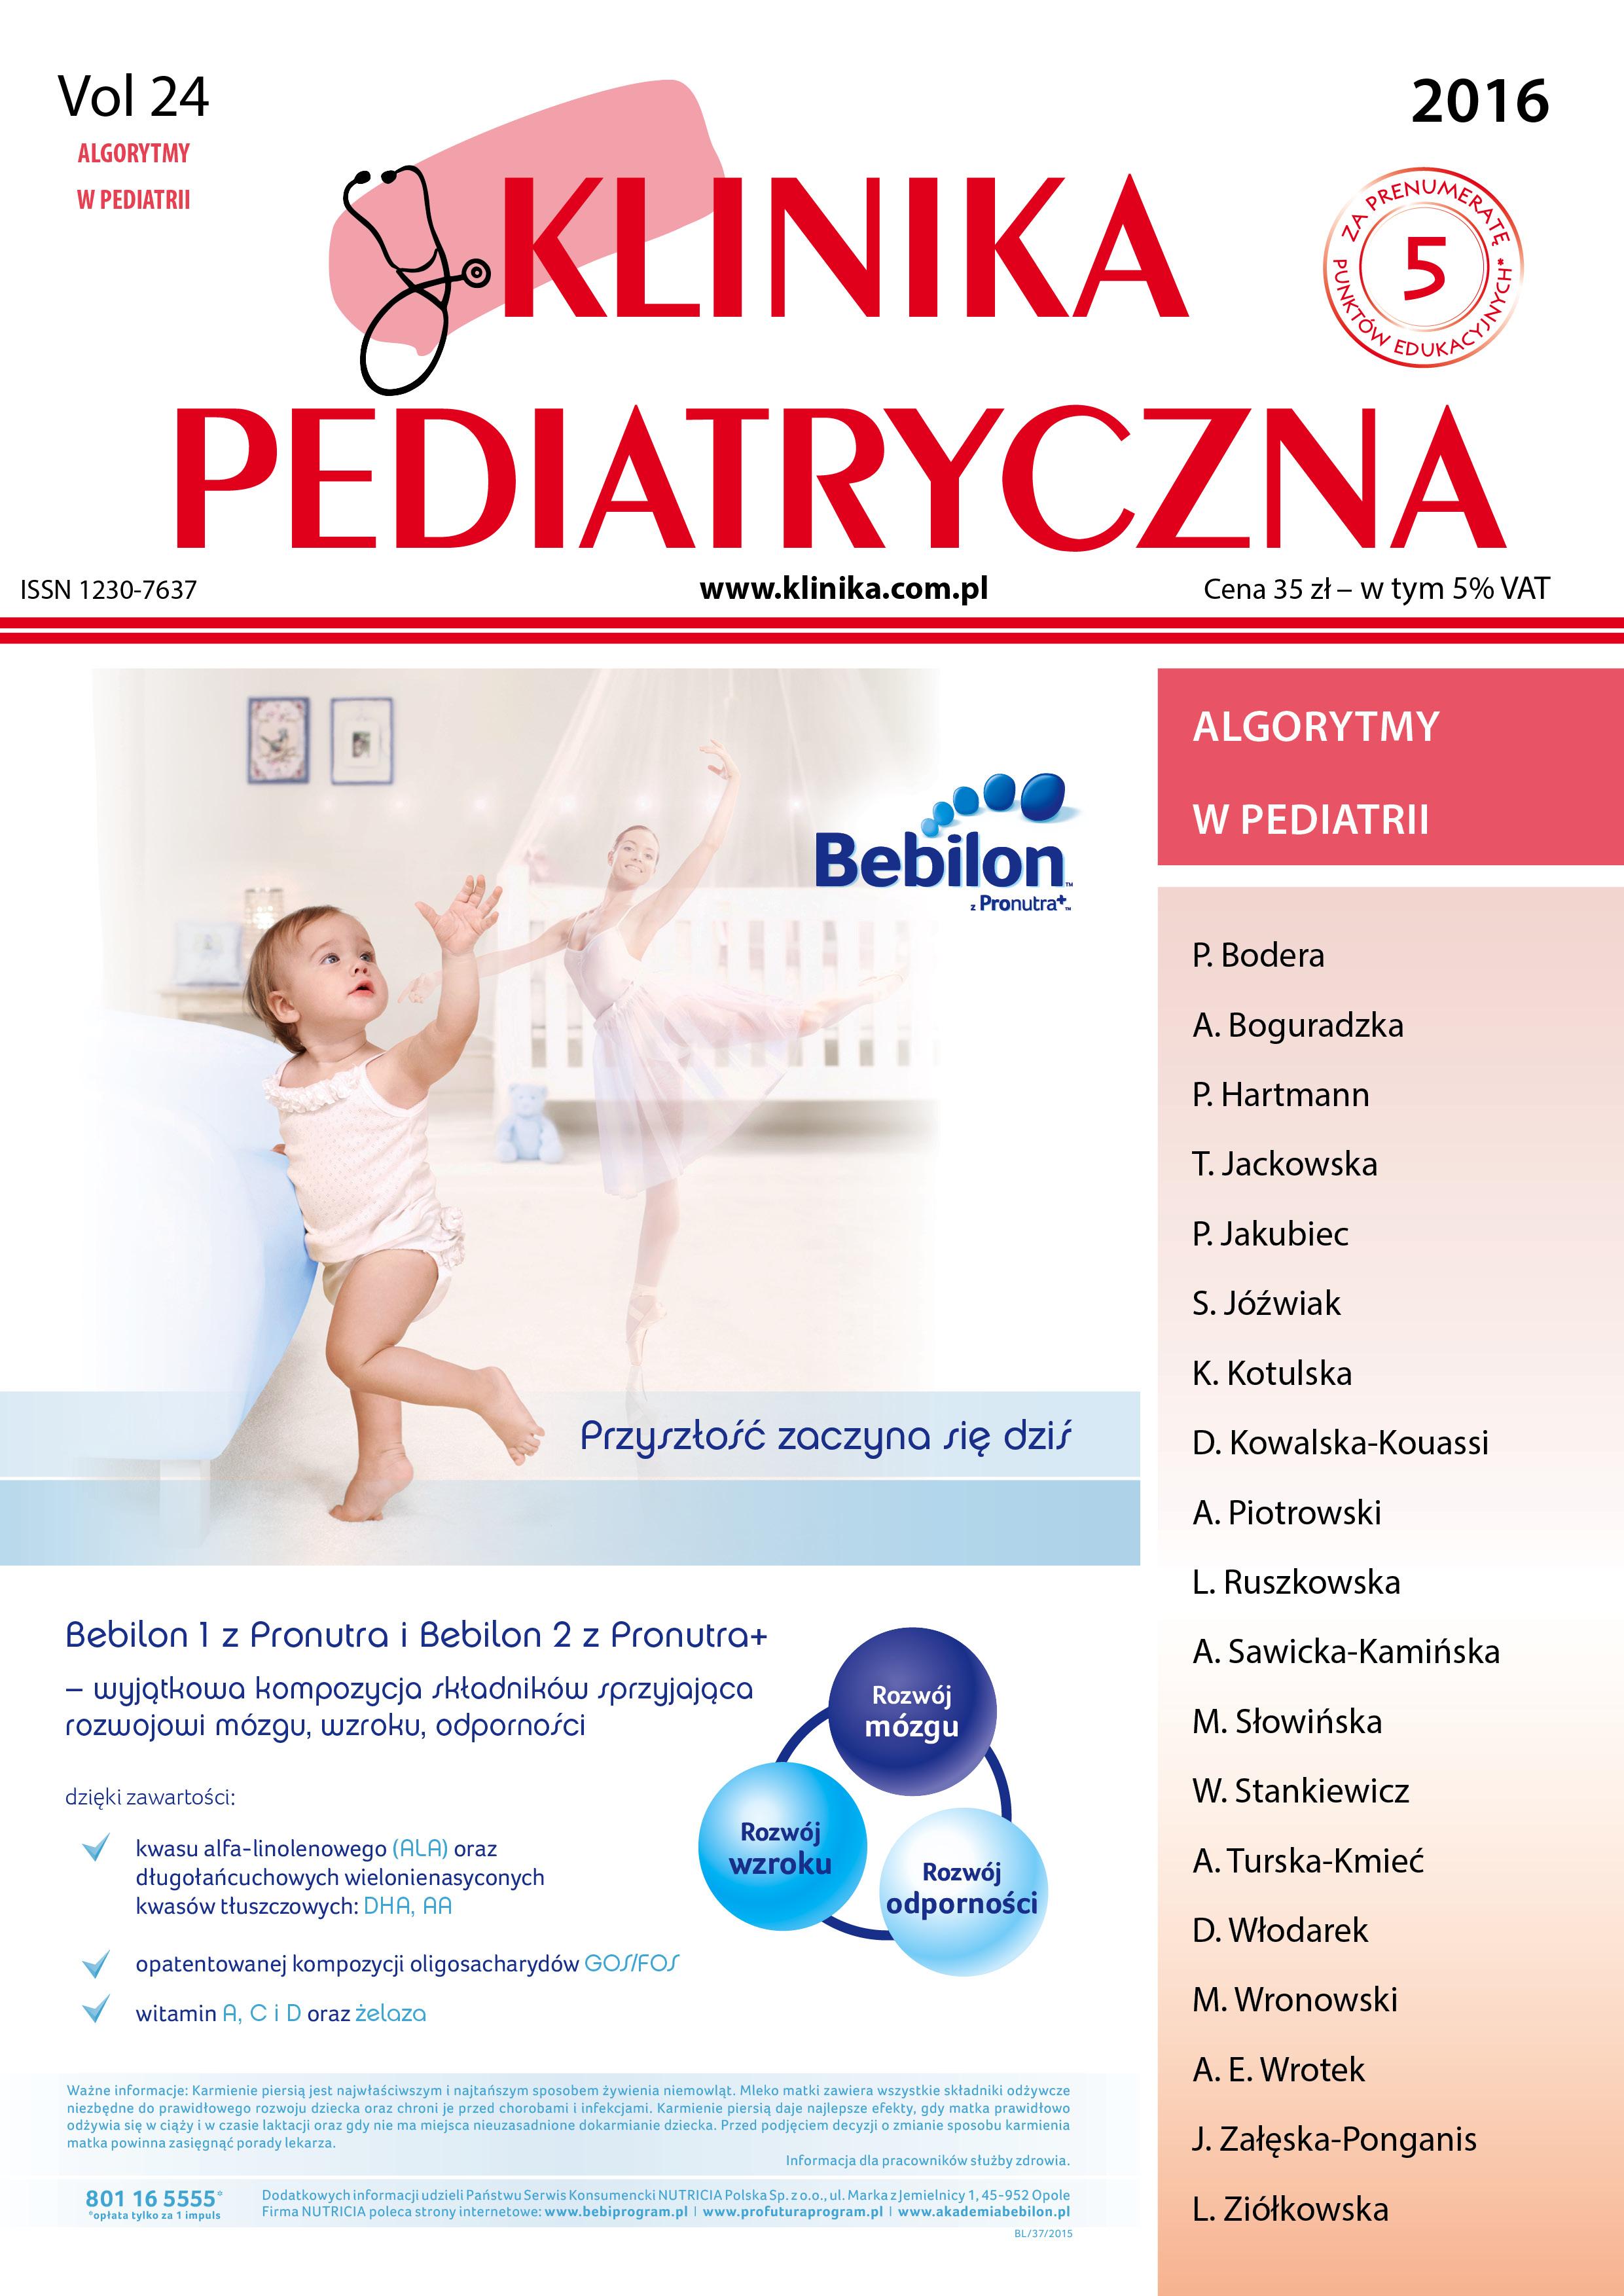 KP 2016 - Numer Specjalny - Algorytmy w Pediatrii